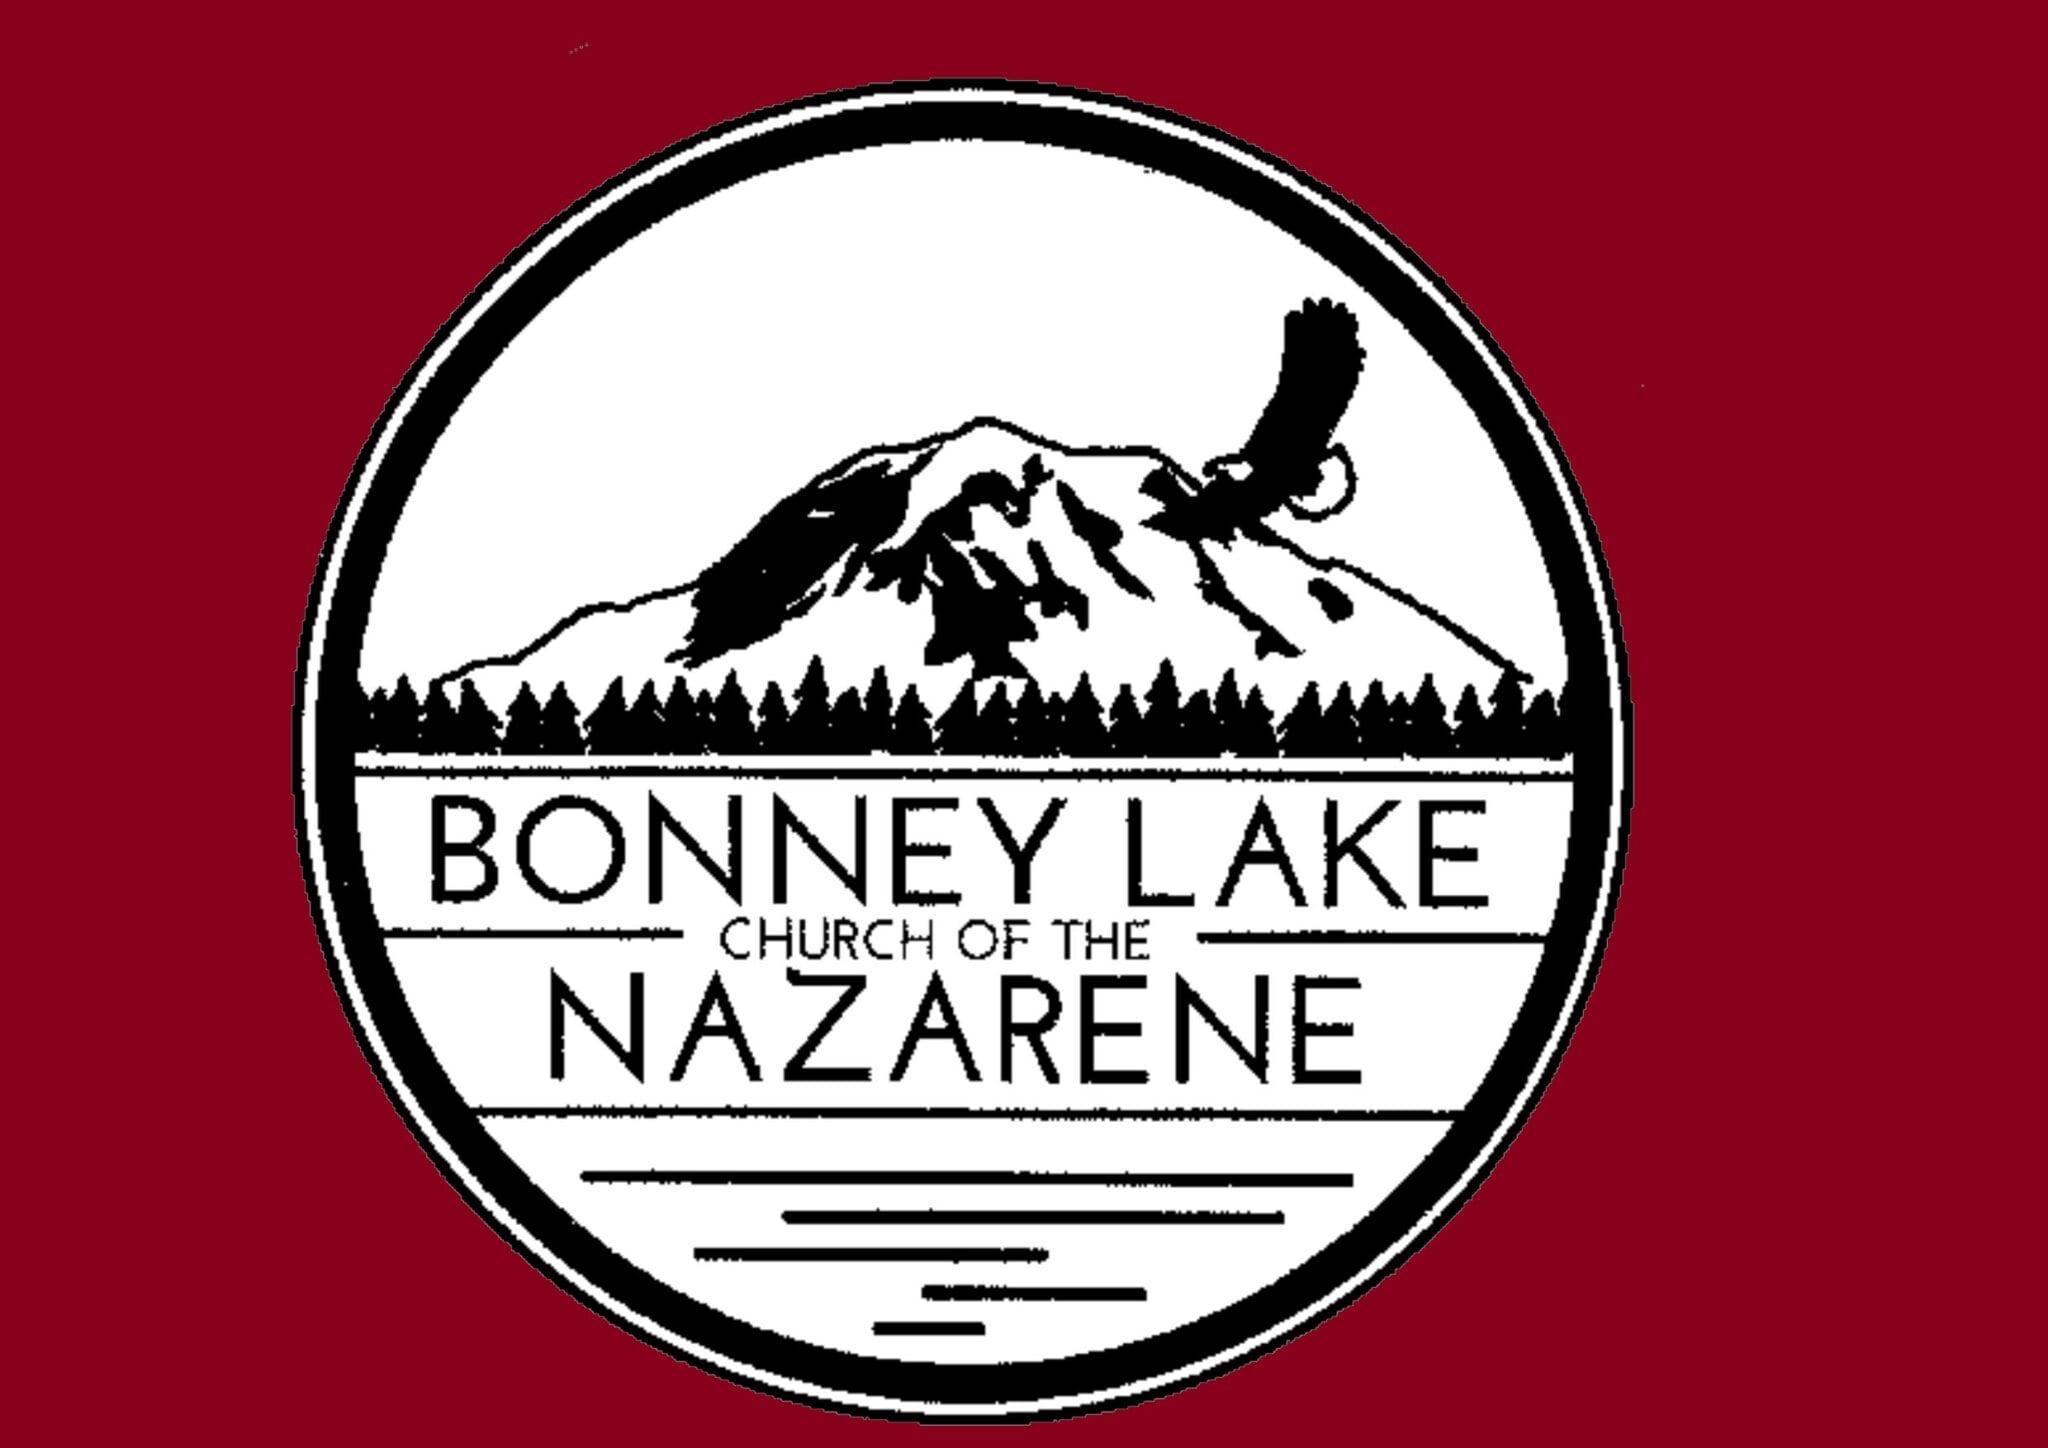 Bonney Lake Church of the Nazarene